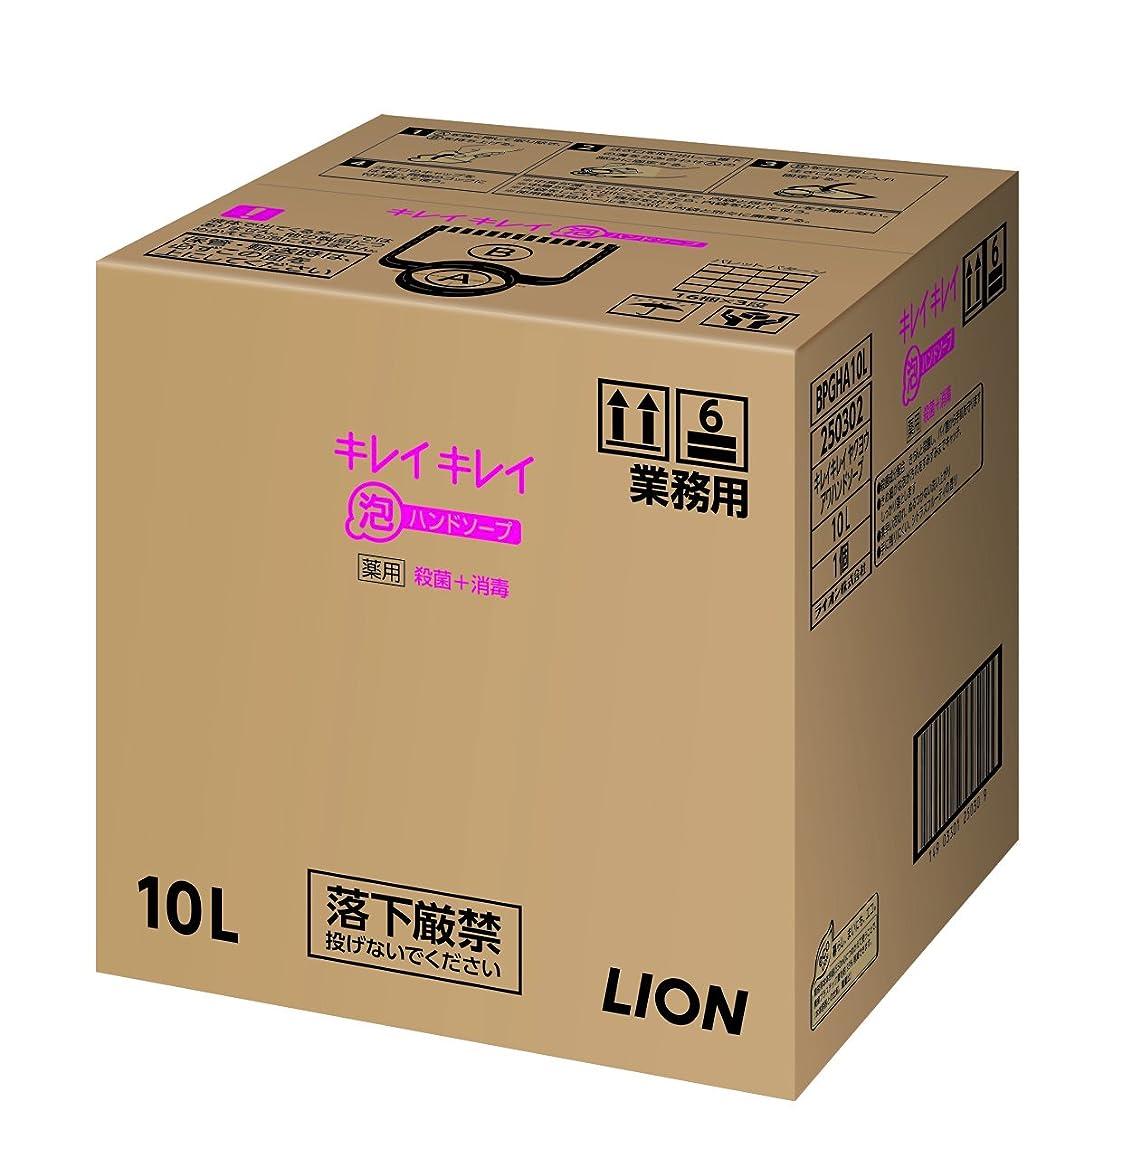 ボーナスヘビオン【業務用 大容量】キレイキレイ 薬用 泡ハンドソープ シトラスフルーティの香り 10L(医薬部外品)